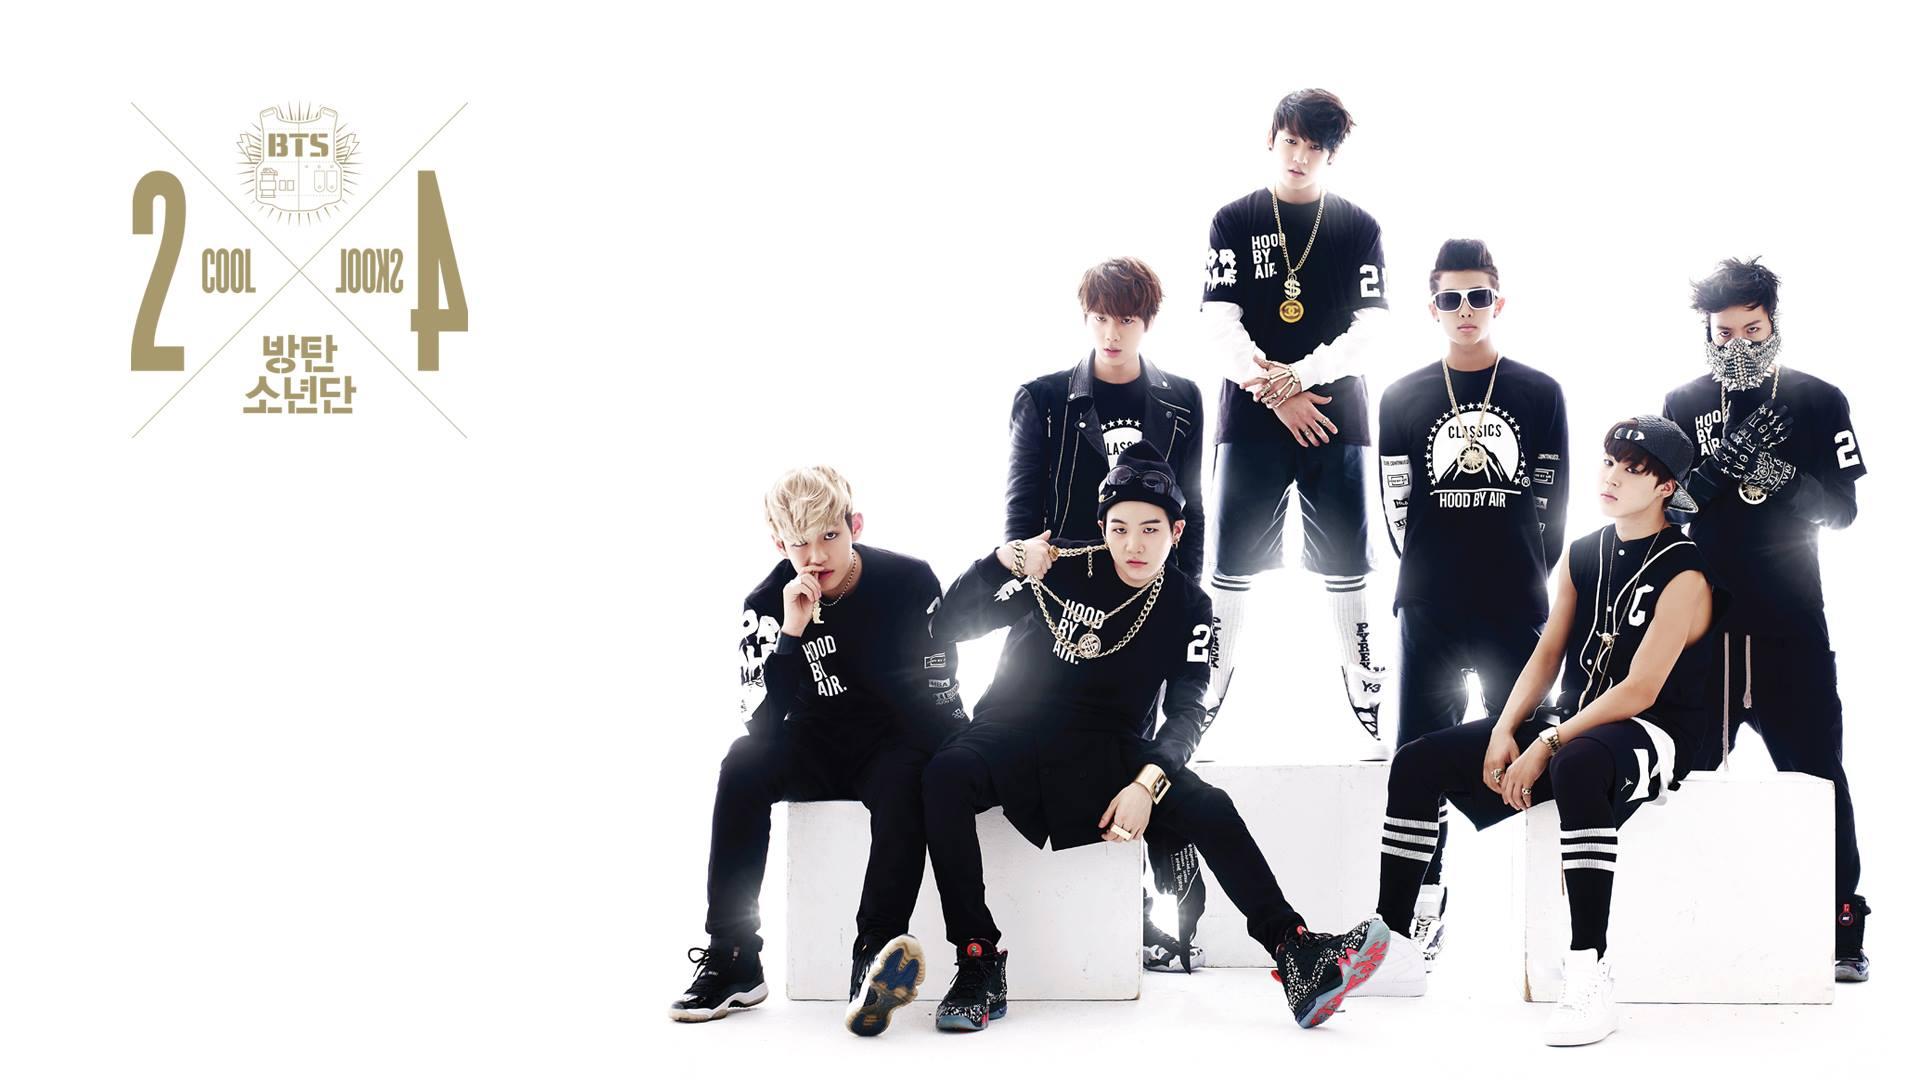 BTS BANGTAN BOYS Tour Dates 2016 - 2017 - concert images ...